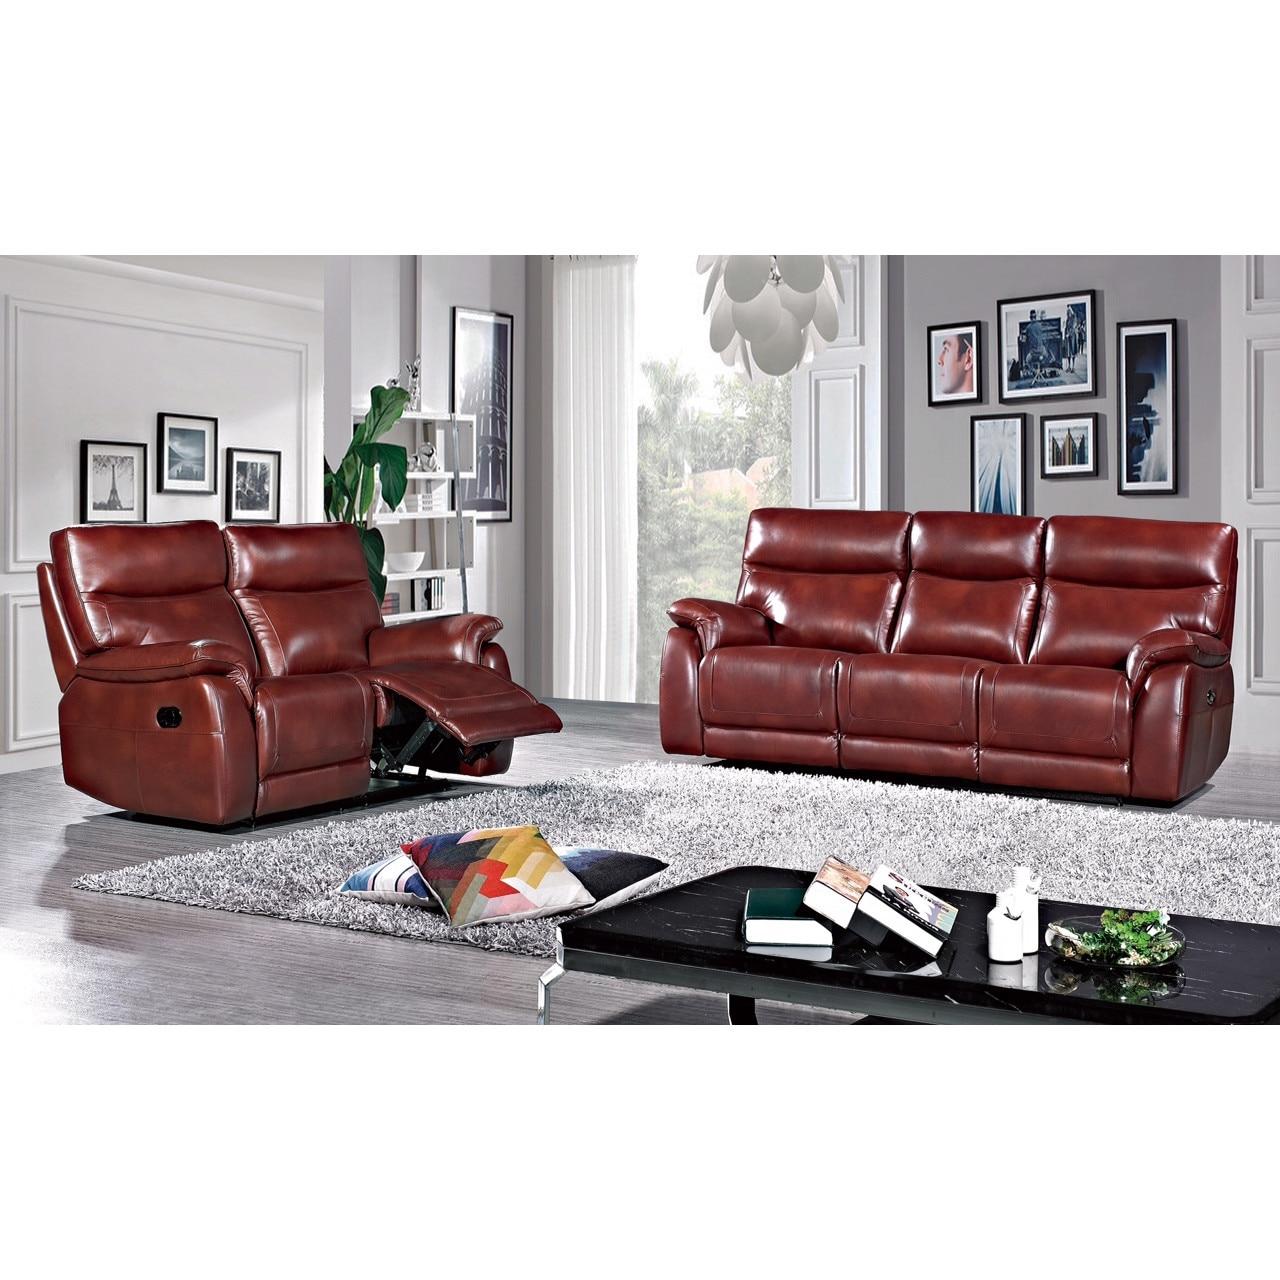 Bőr kanapé szett Md. 3478, 3 személyes kanapé 2 elektromos dönthető ülőhellyel és 2 személyes kanapé 2 manuálisan dönthető ülőhellyel cdXBmt